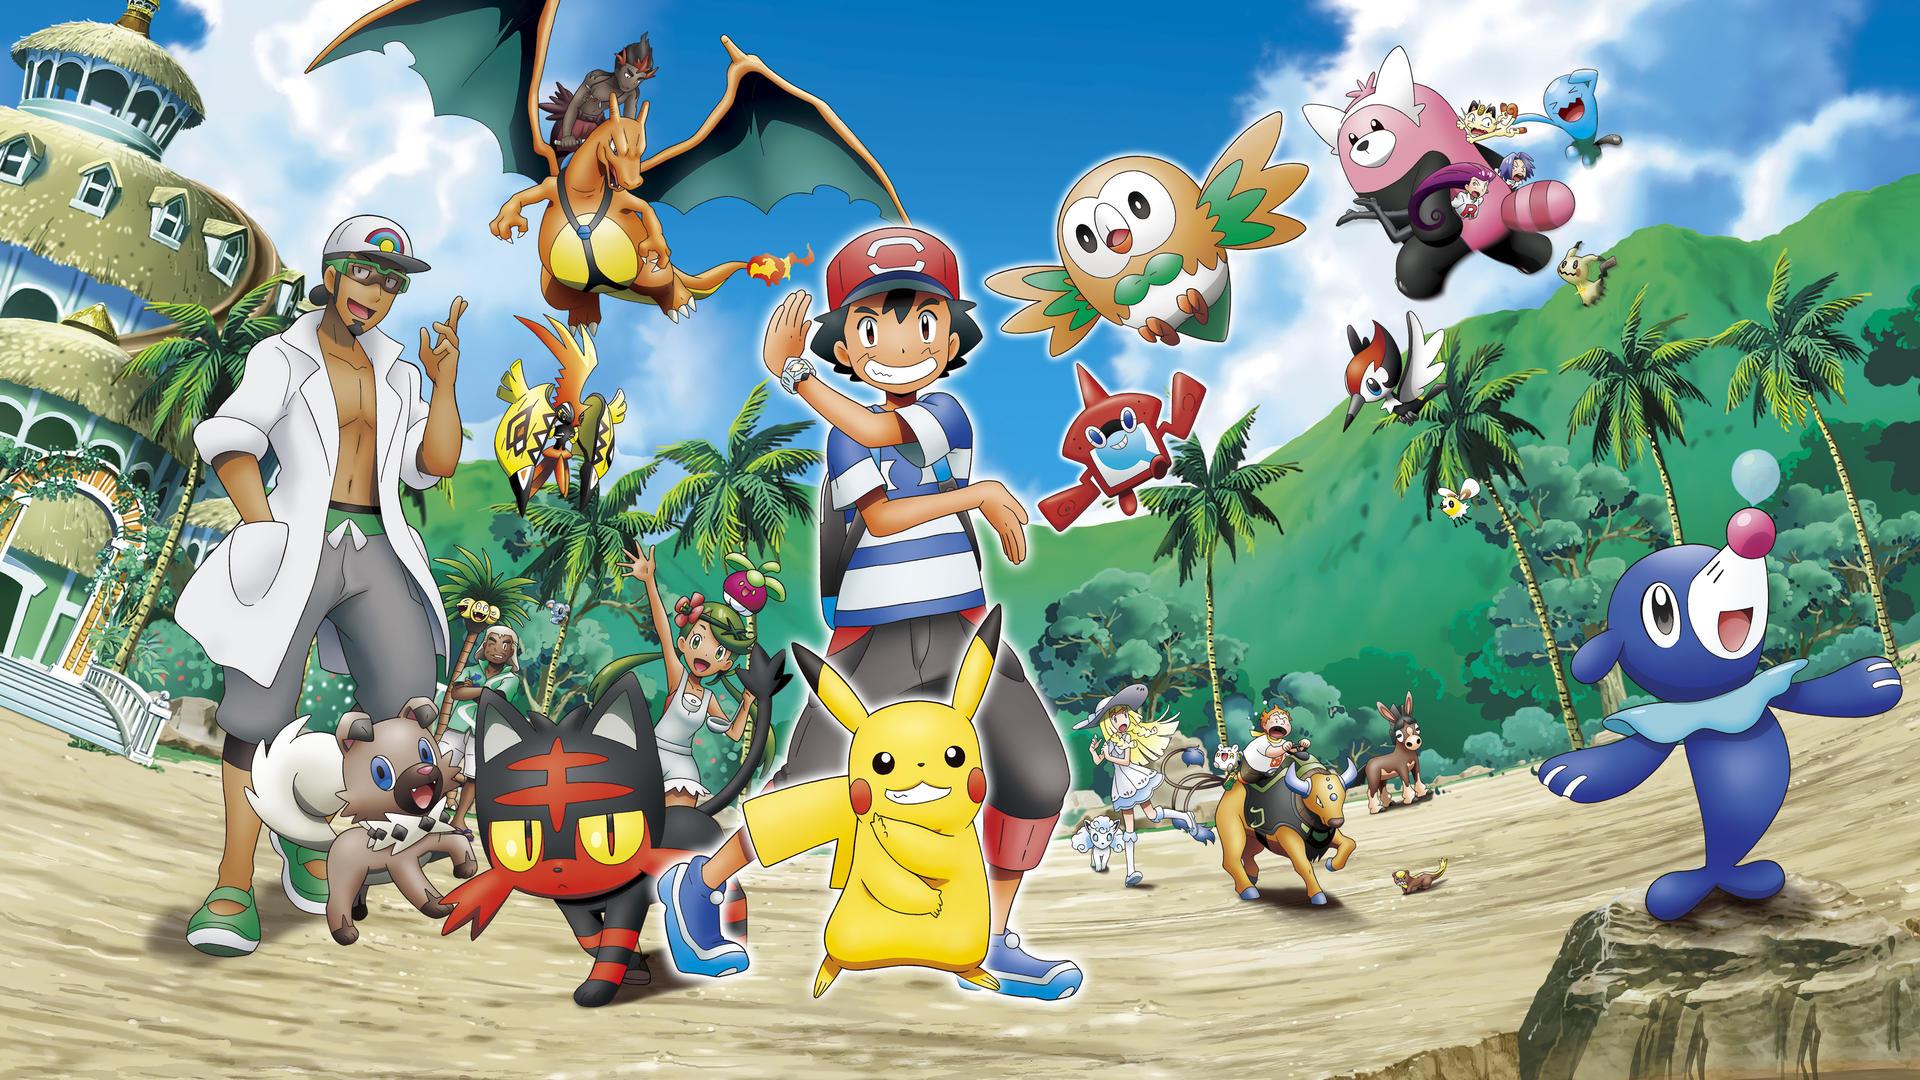 Pokémon Sol e Lua (Ultra-aventuras)_ Temporada 2